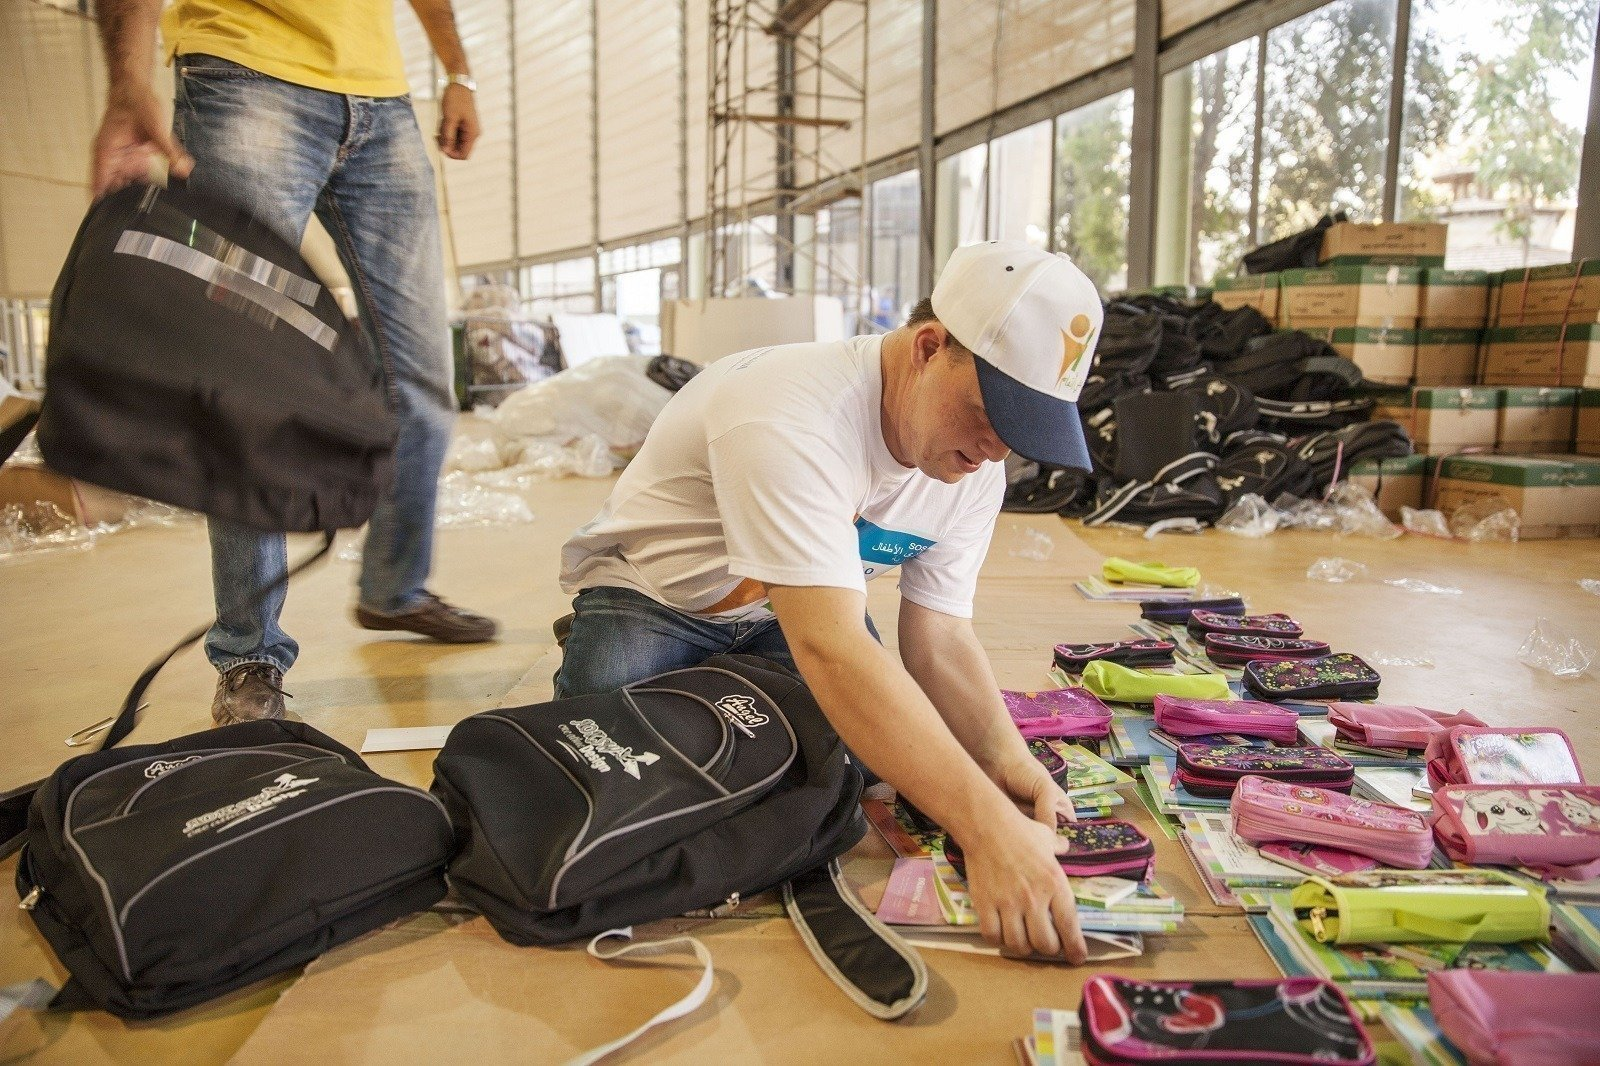 Un bénévole SOS prépare le matériel scolaire à distribuer aux enfants déplacés à Damas.